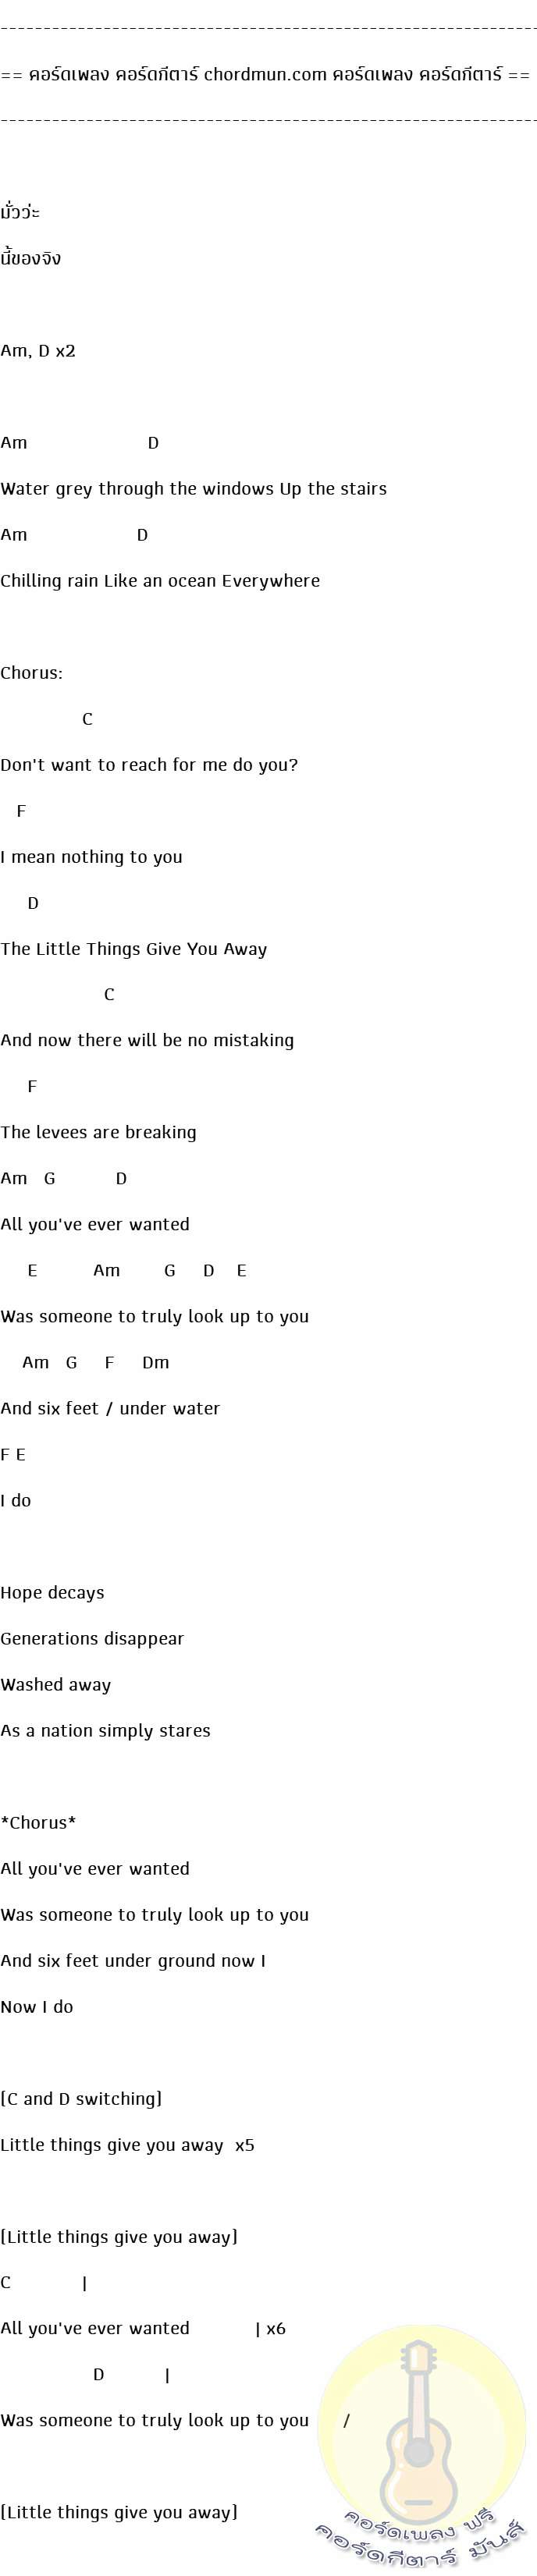 คอร์ดกีต้าร์ง่ายๆ  เพลง The Little Things Give You Away